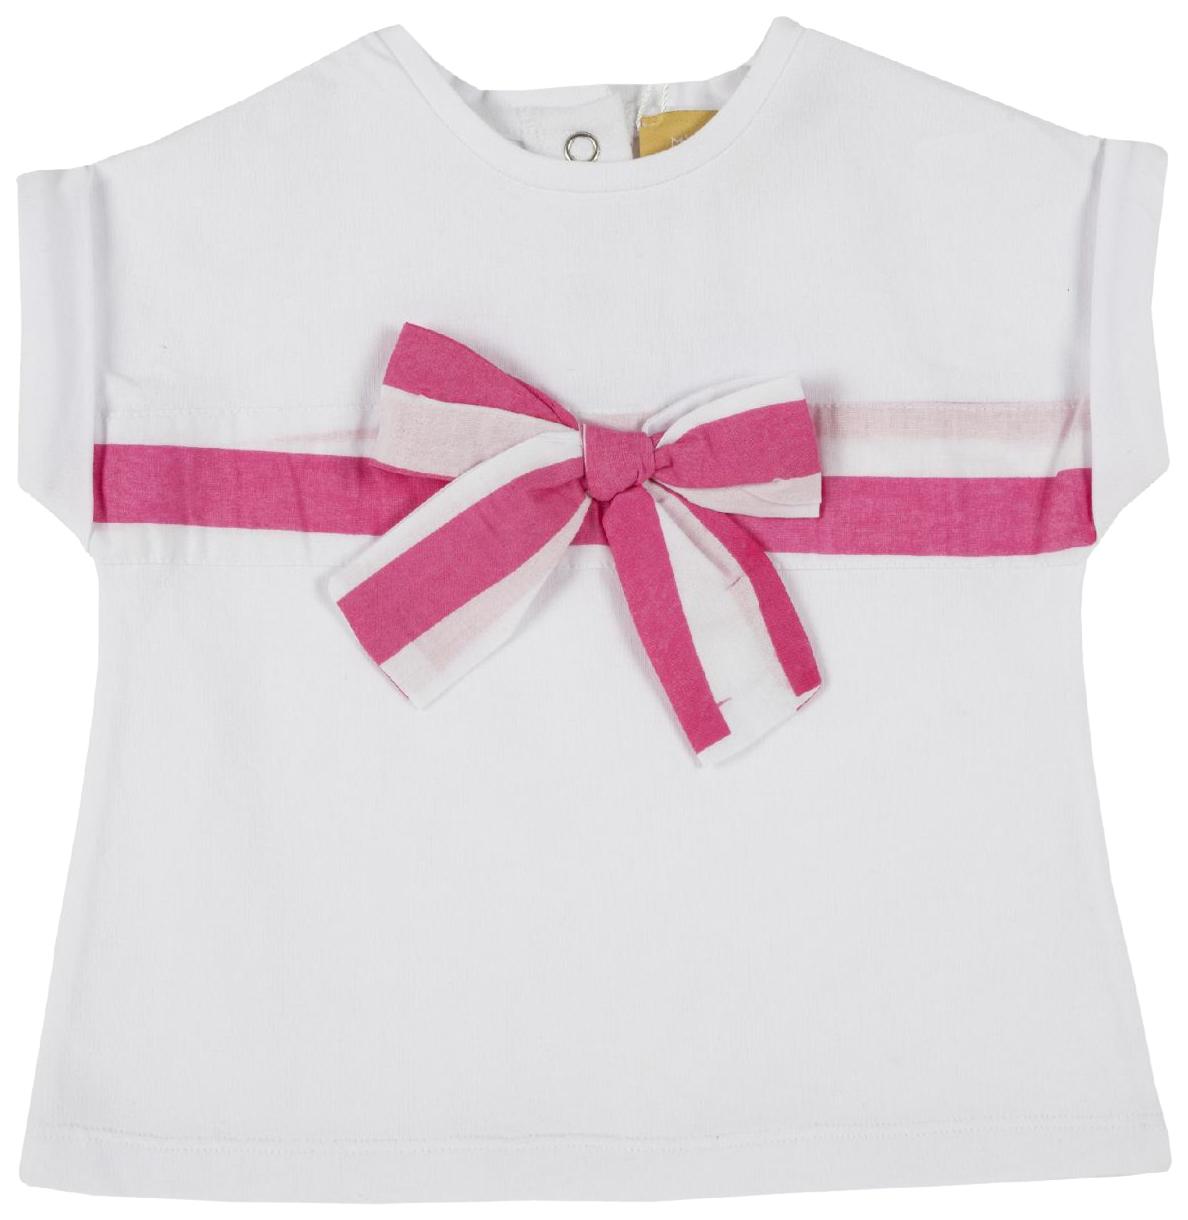 Купить 100885-M, Футболка Chicco, размер 086, бант (бело-розовый), Кофточки, футболки для новорожденных